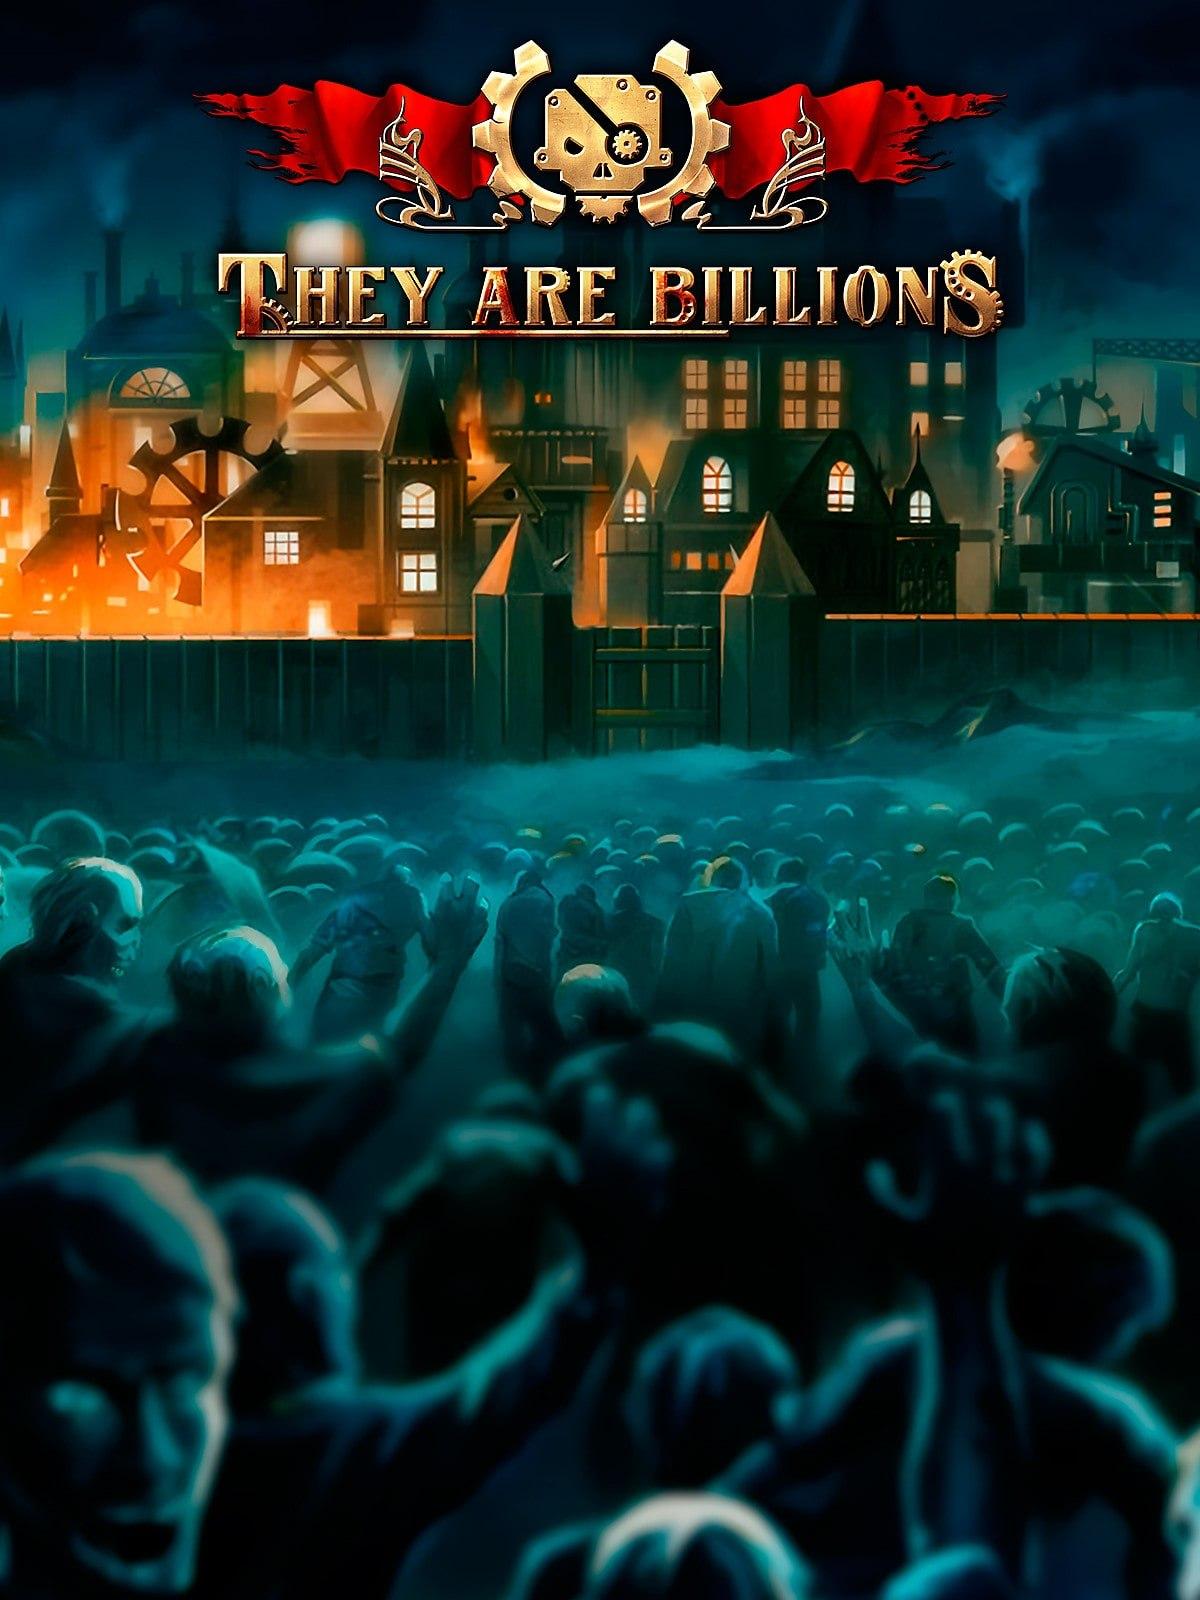 سی دی کی اریجینال استیم بازی They Are Billions